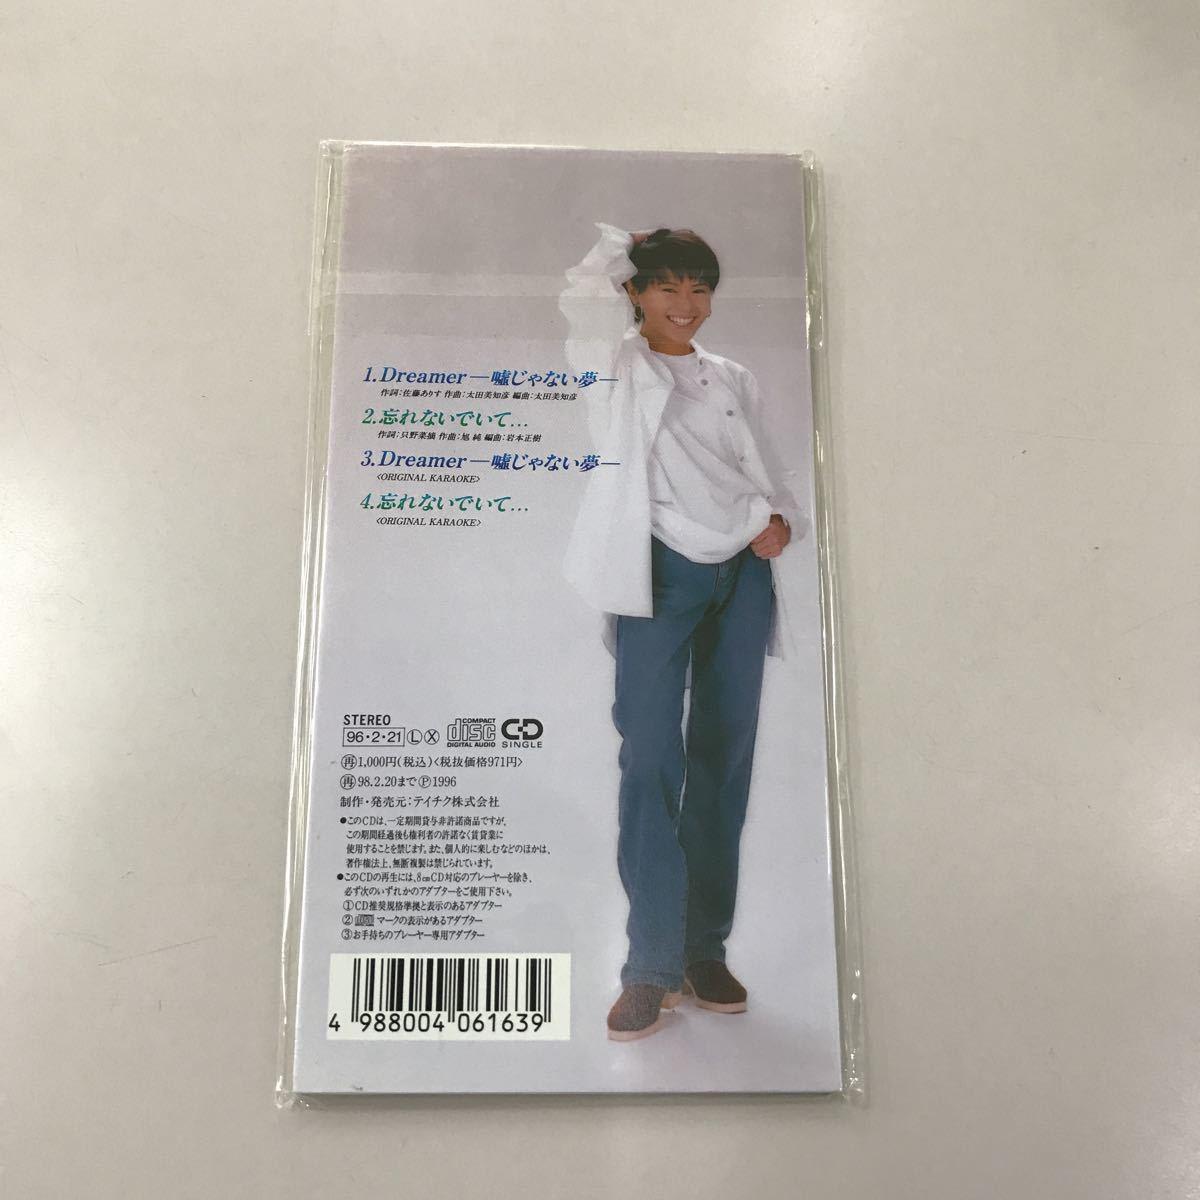 シングルCD 8センチ 中古【邦楽】長期保存品 大石加奈子 Dreamer